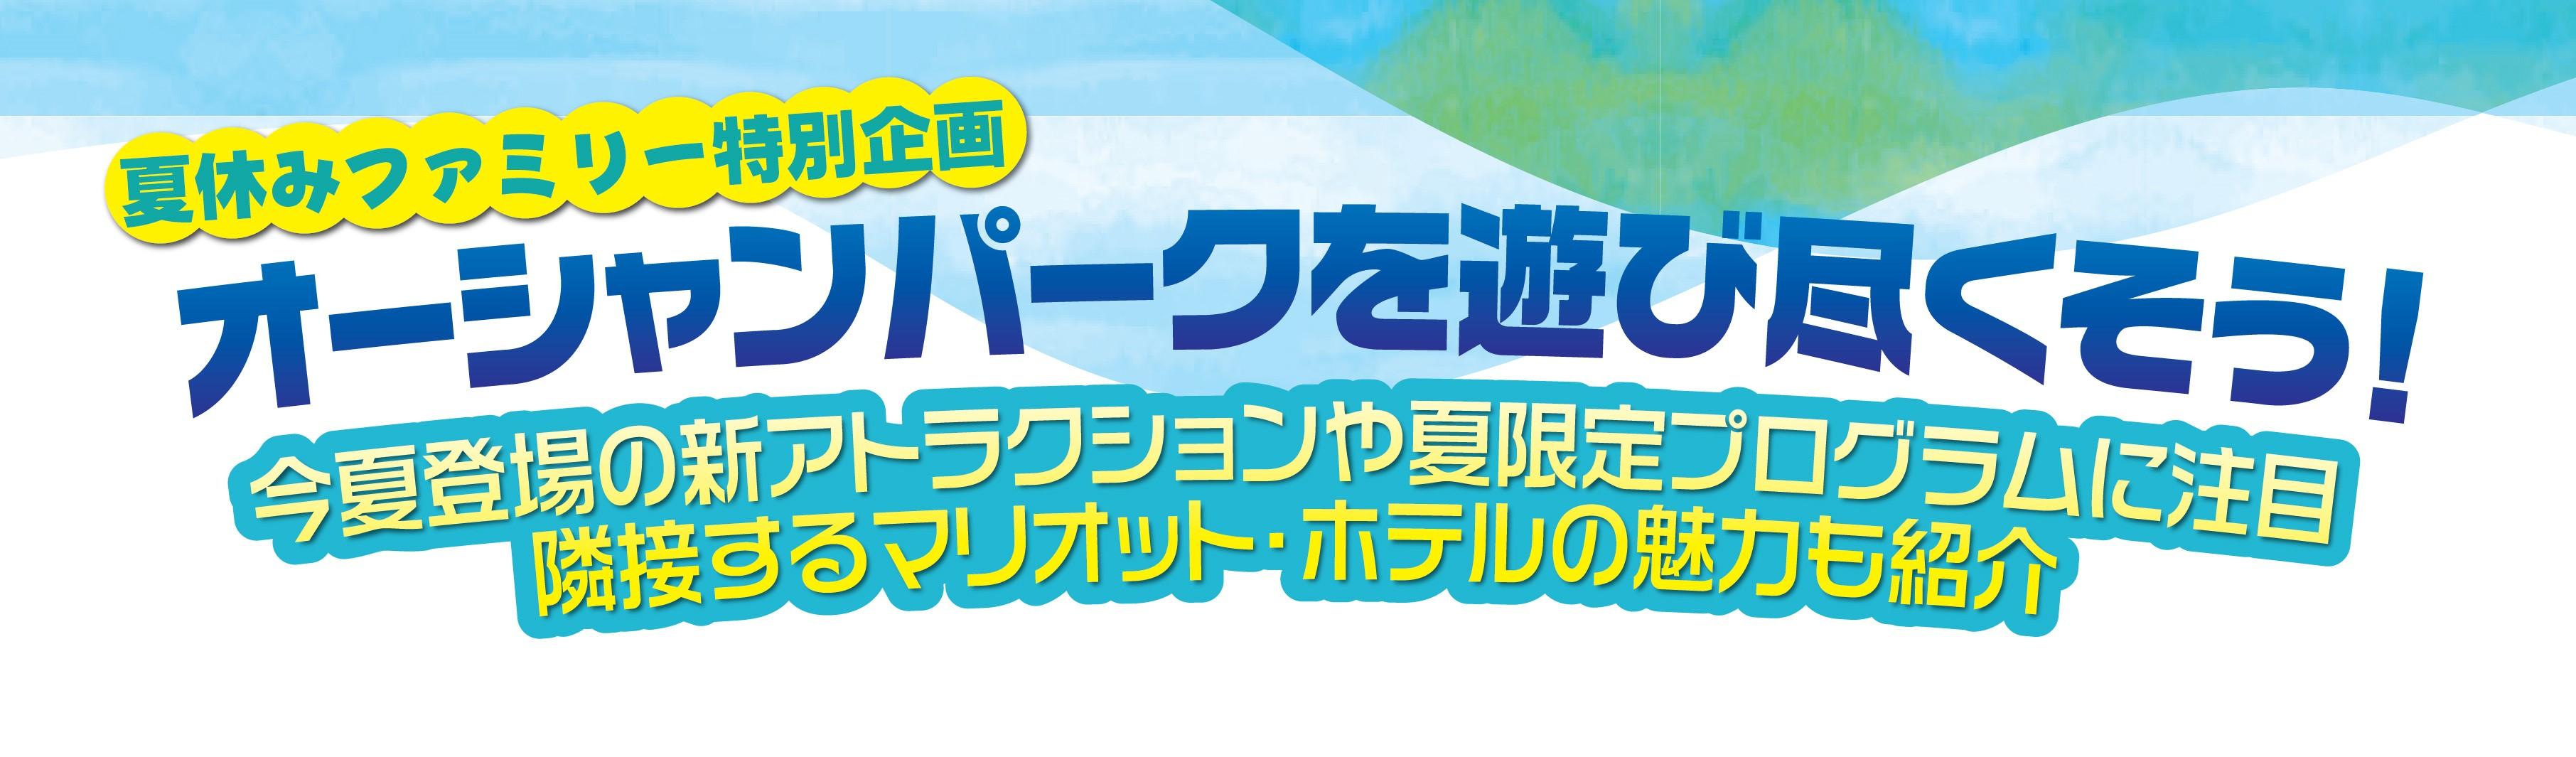 夏休みファミリー特別企画 オーシャンパークを遊び尽くそう!